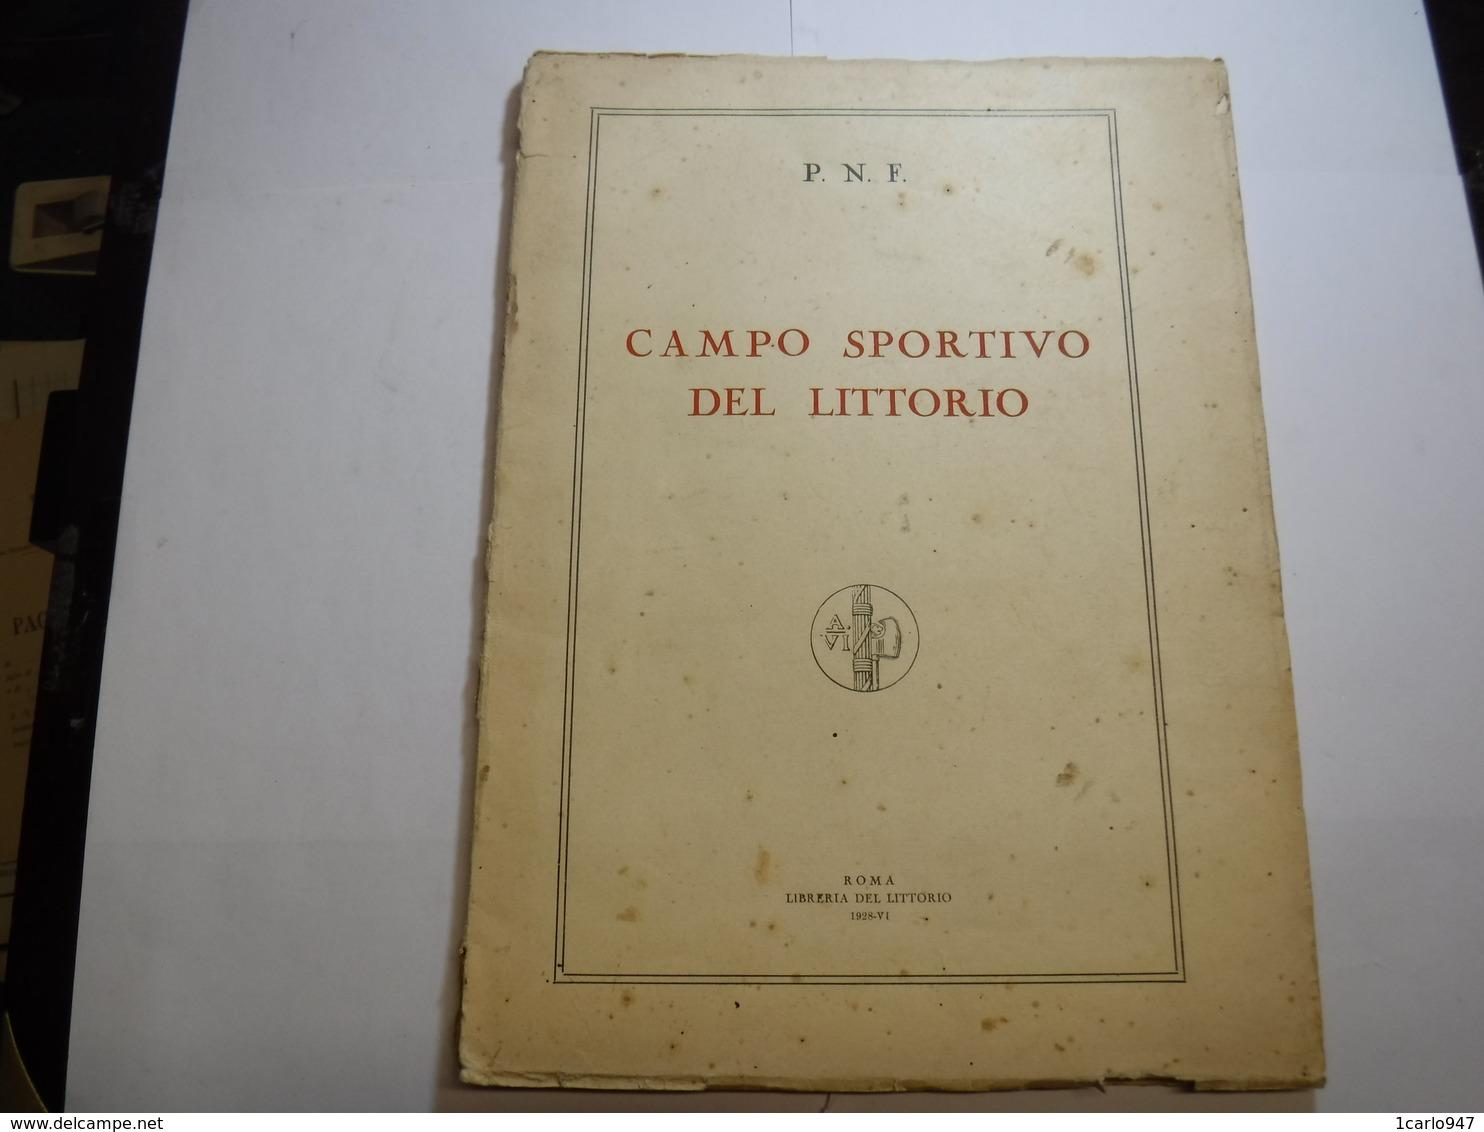 SPORT   CALCIO  ---  ROMA  -- P.N.F.  CAMPO SPORTIVO DEL LITTORIO  -- PRESENTAZIONE E PROGETTO  -- 1928 - Sport